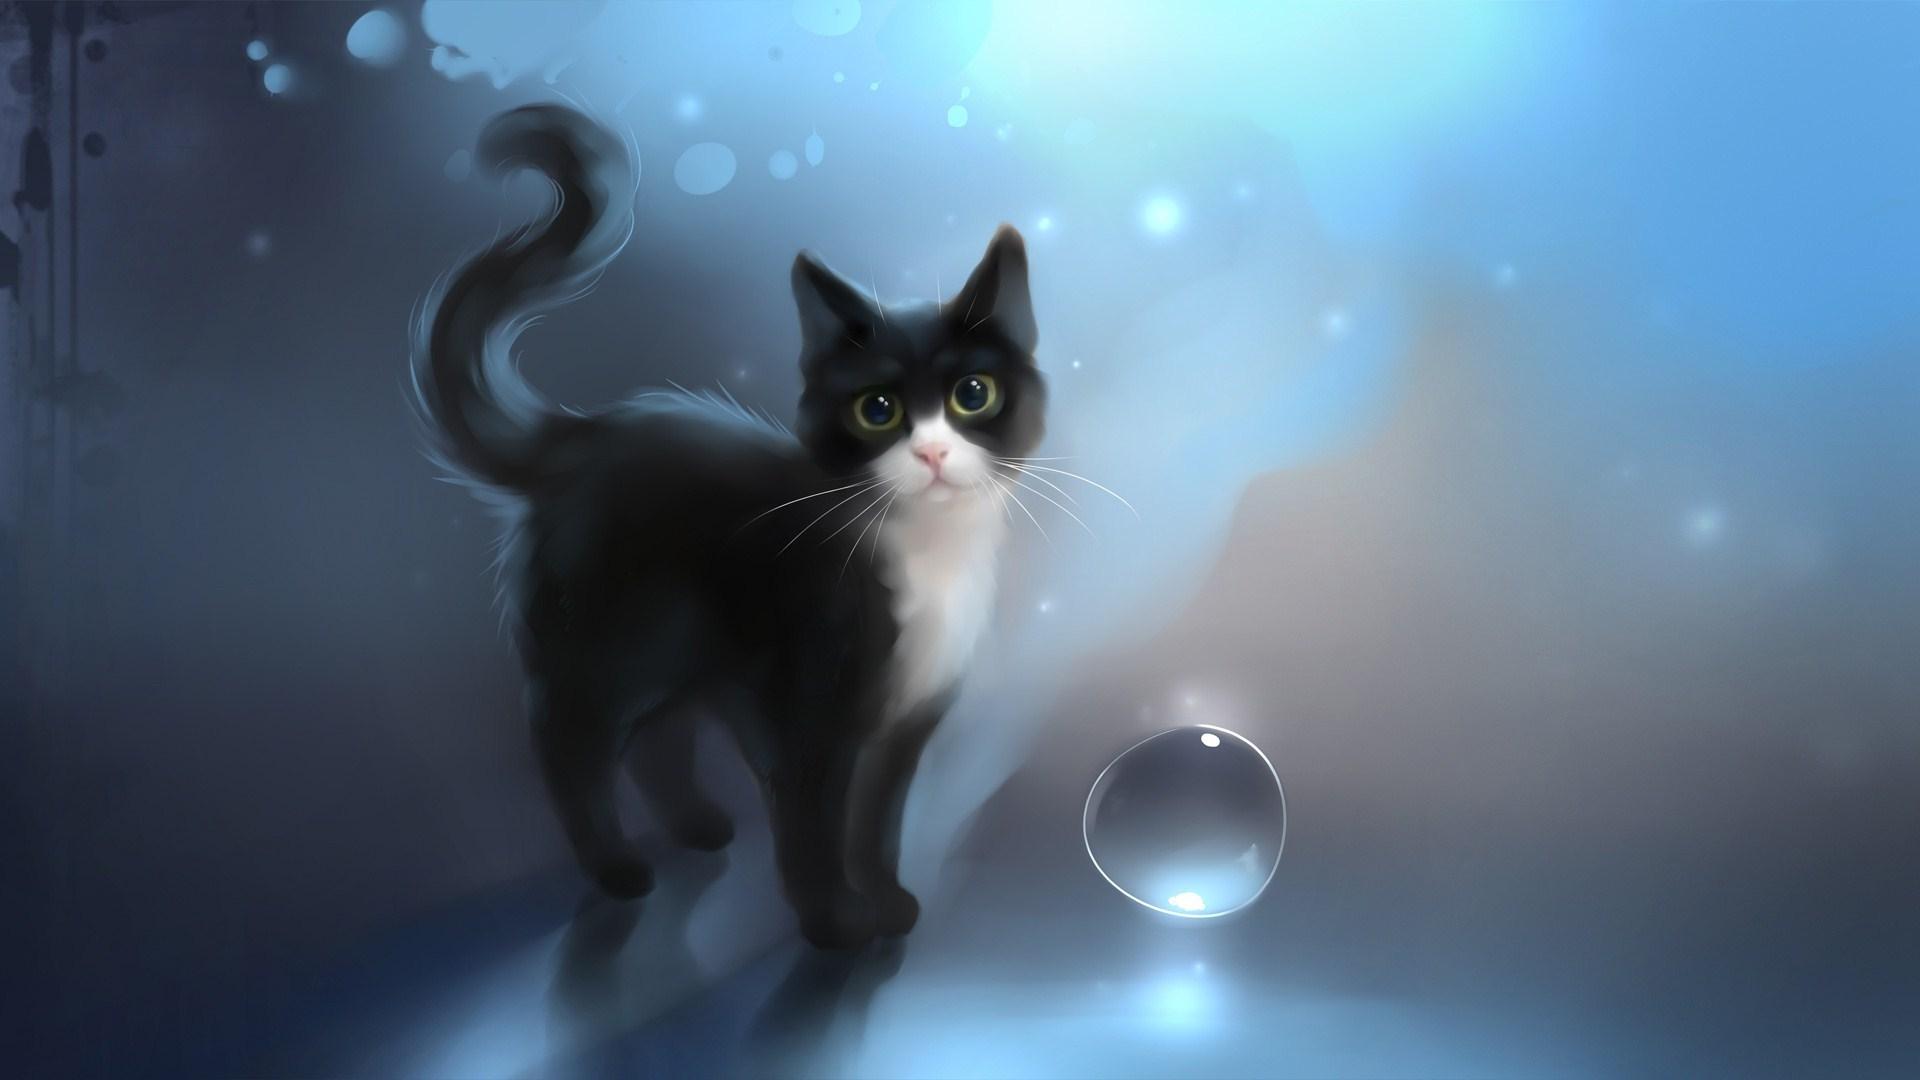 Drawn snow walpaper #6963595 Black Cat Art Drawn